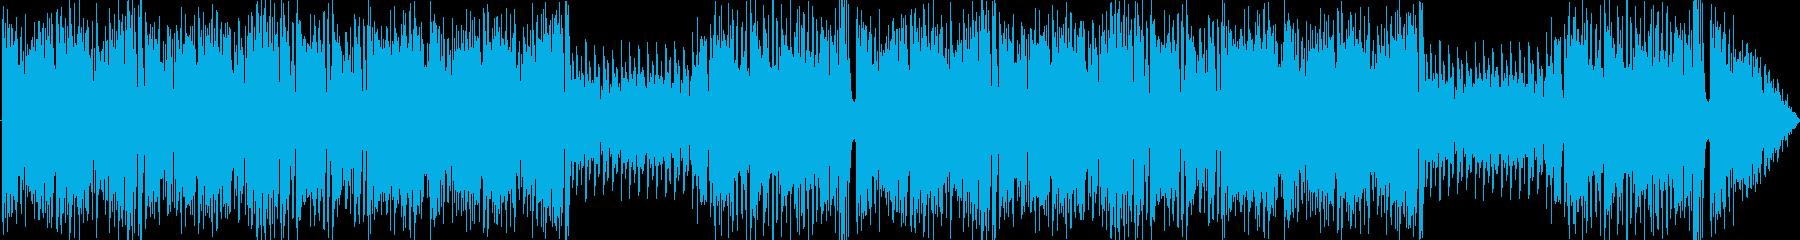 ポップなコミカルパズル曲の再生済みの波形